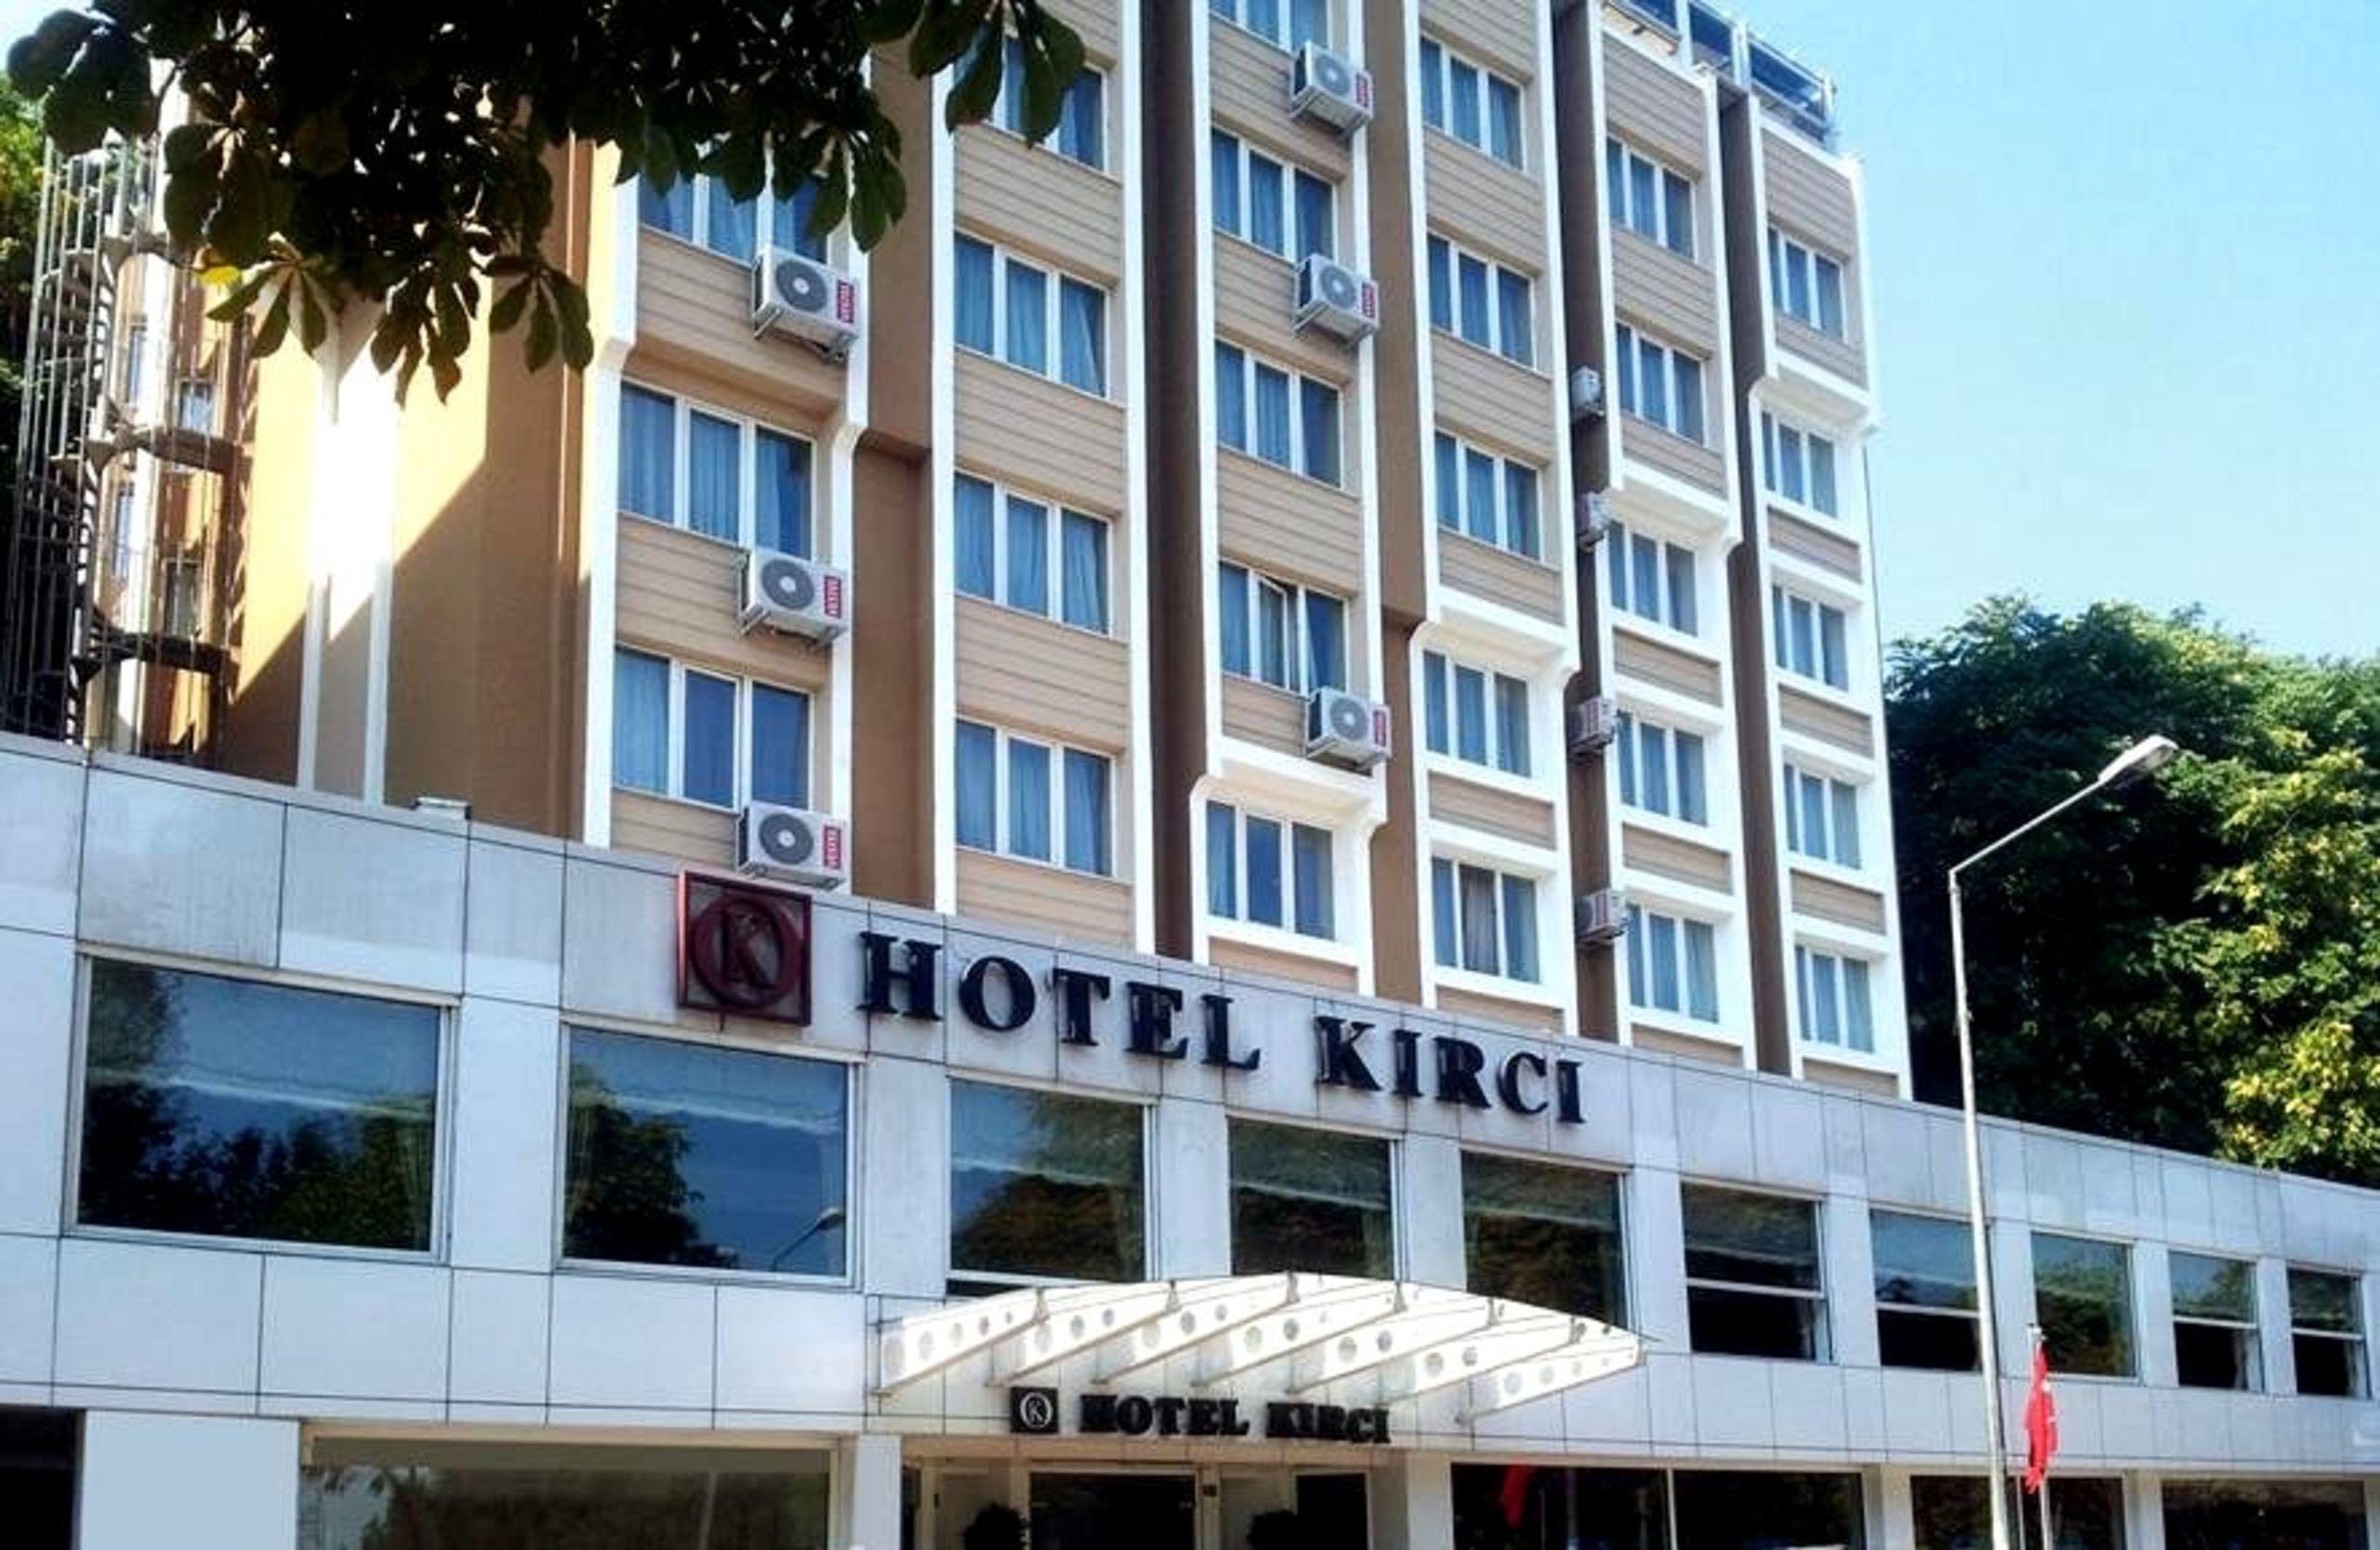 Kırcı Termal Hotel